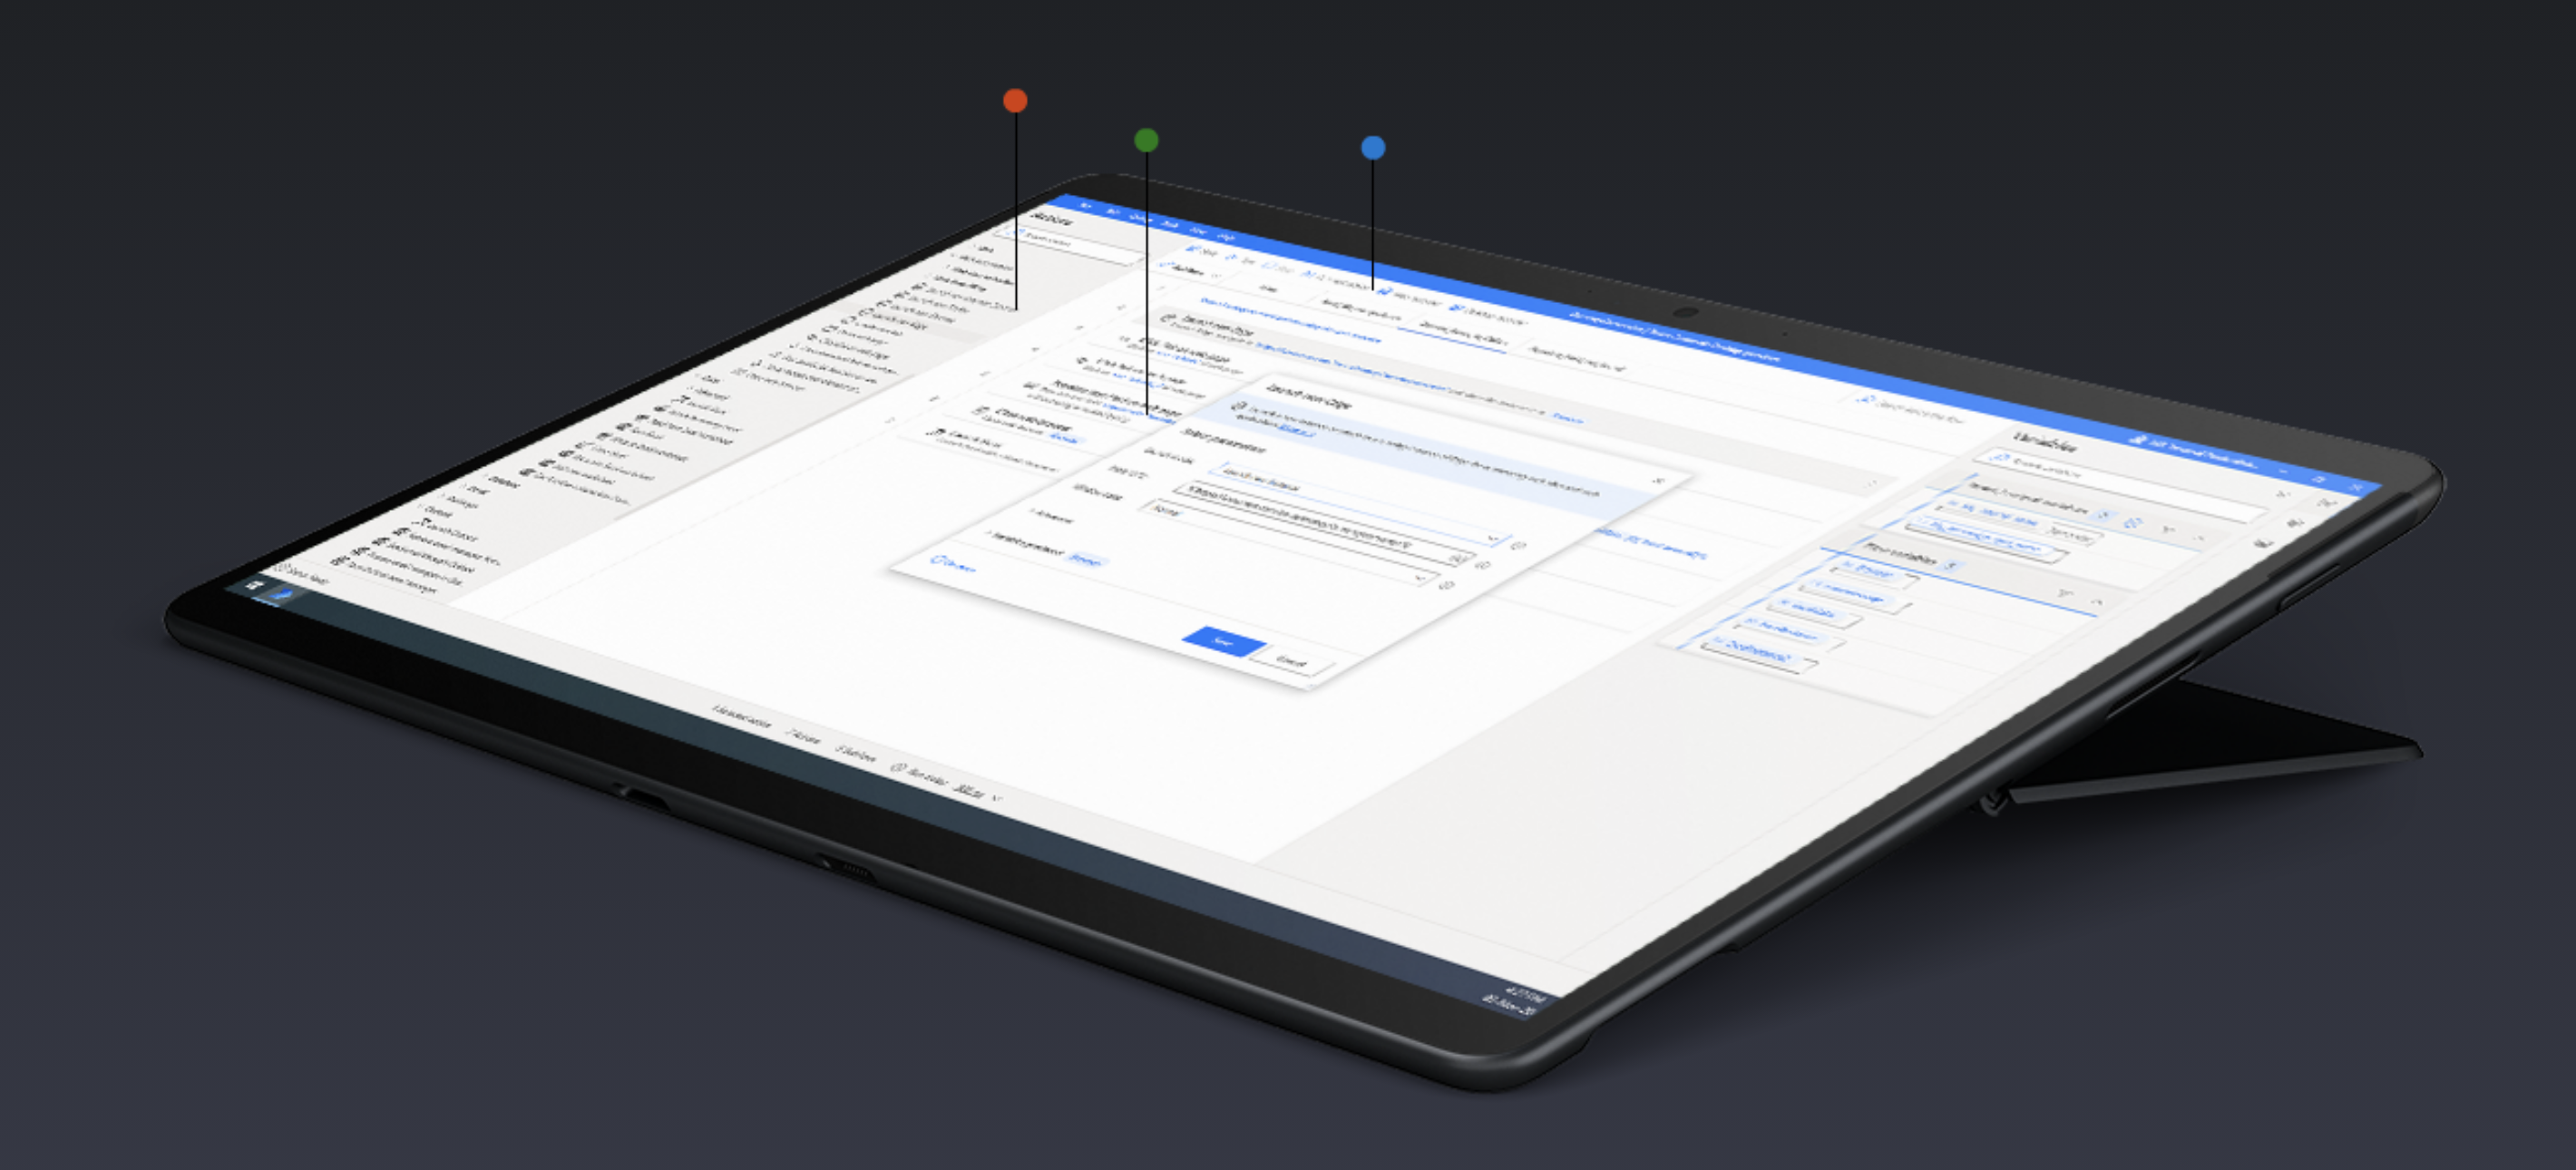 [無料RPA] Windows Power Automate Desktop インストール~Webの自動操作方法